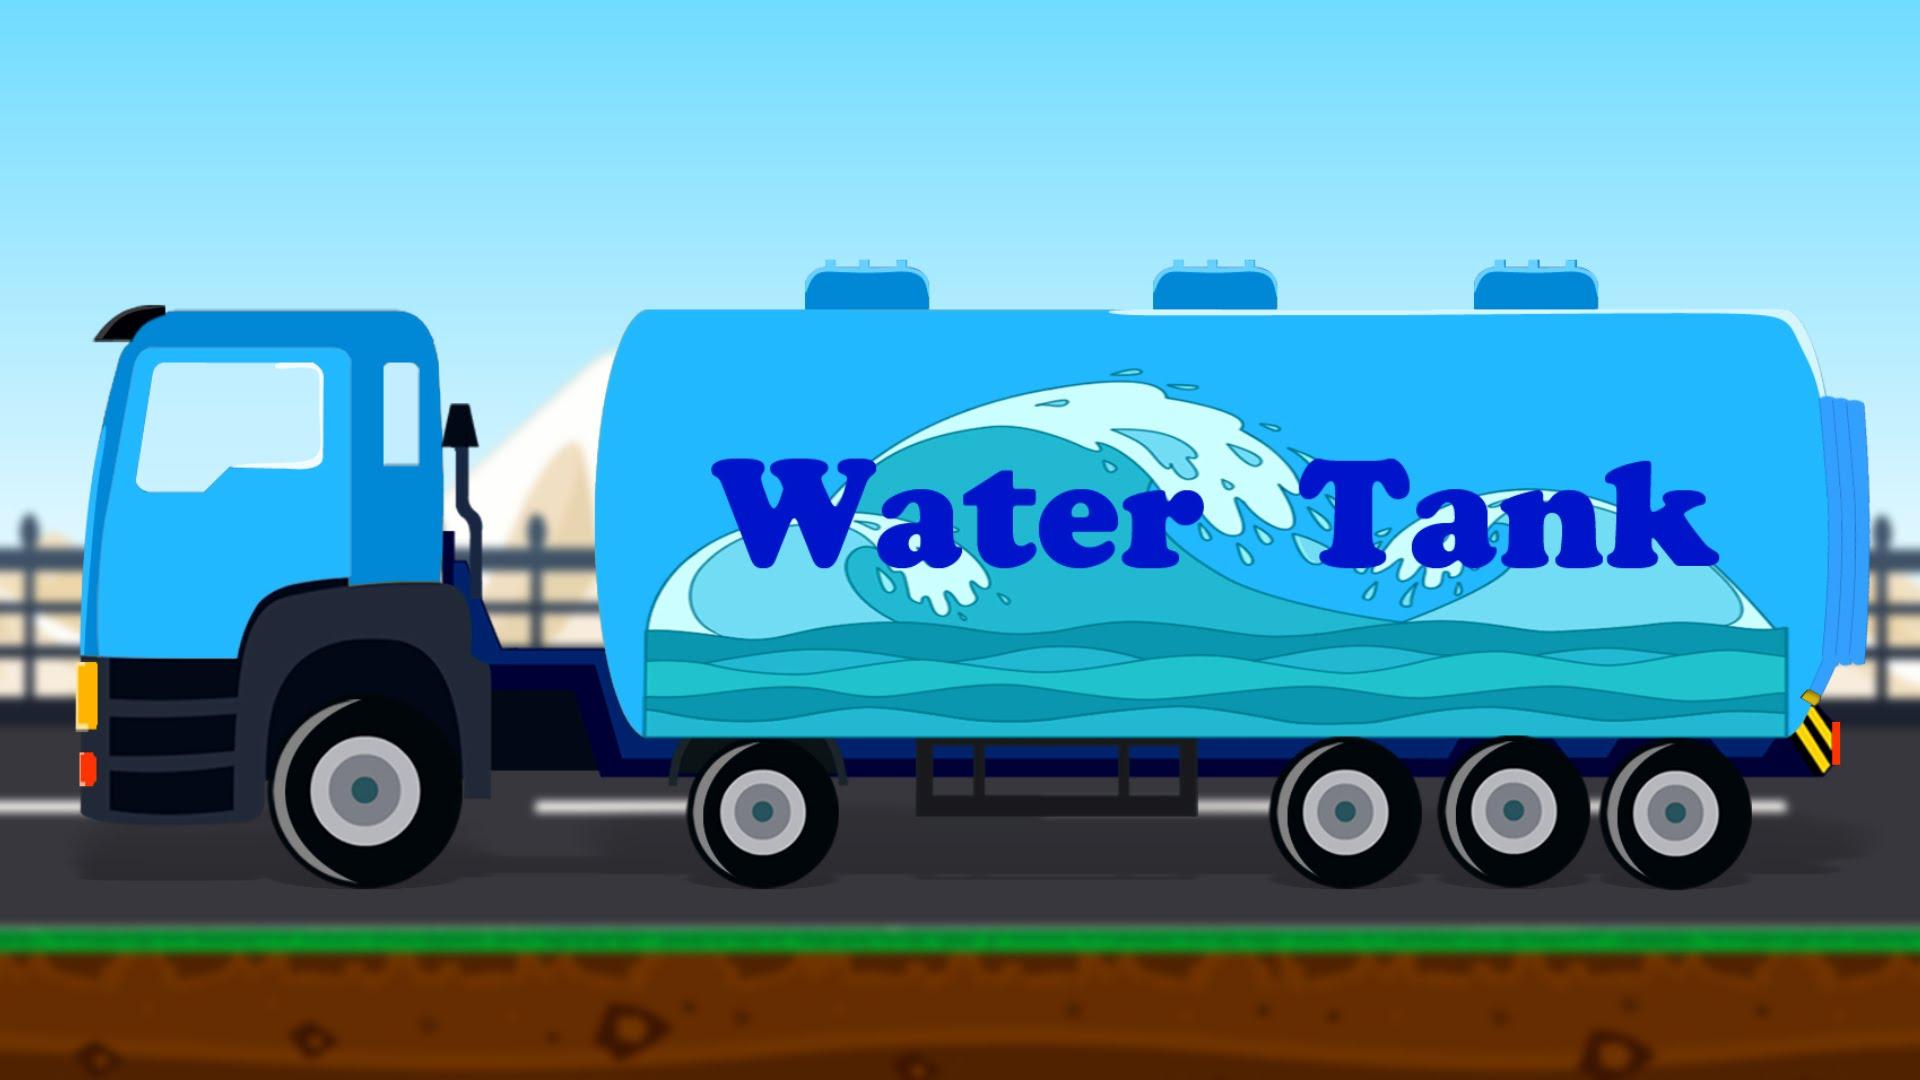 Tank Truck | Water Tank | Tanker Truck - YouTube